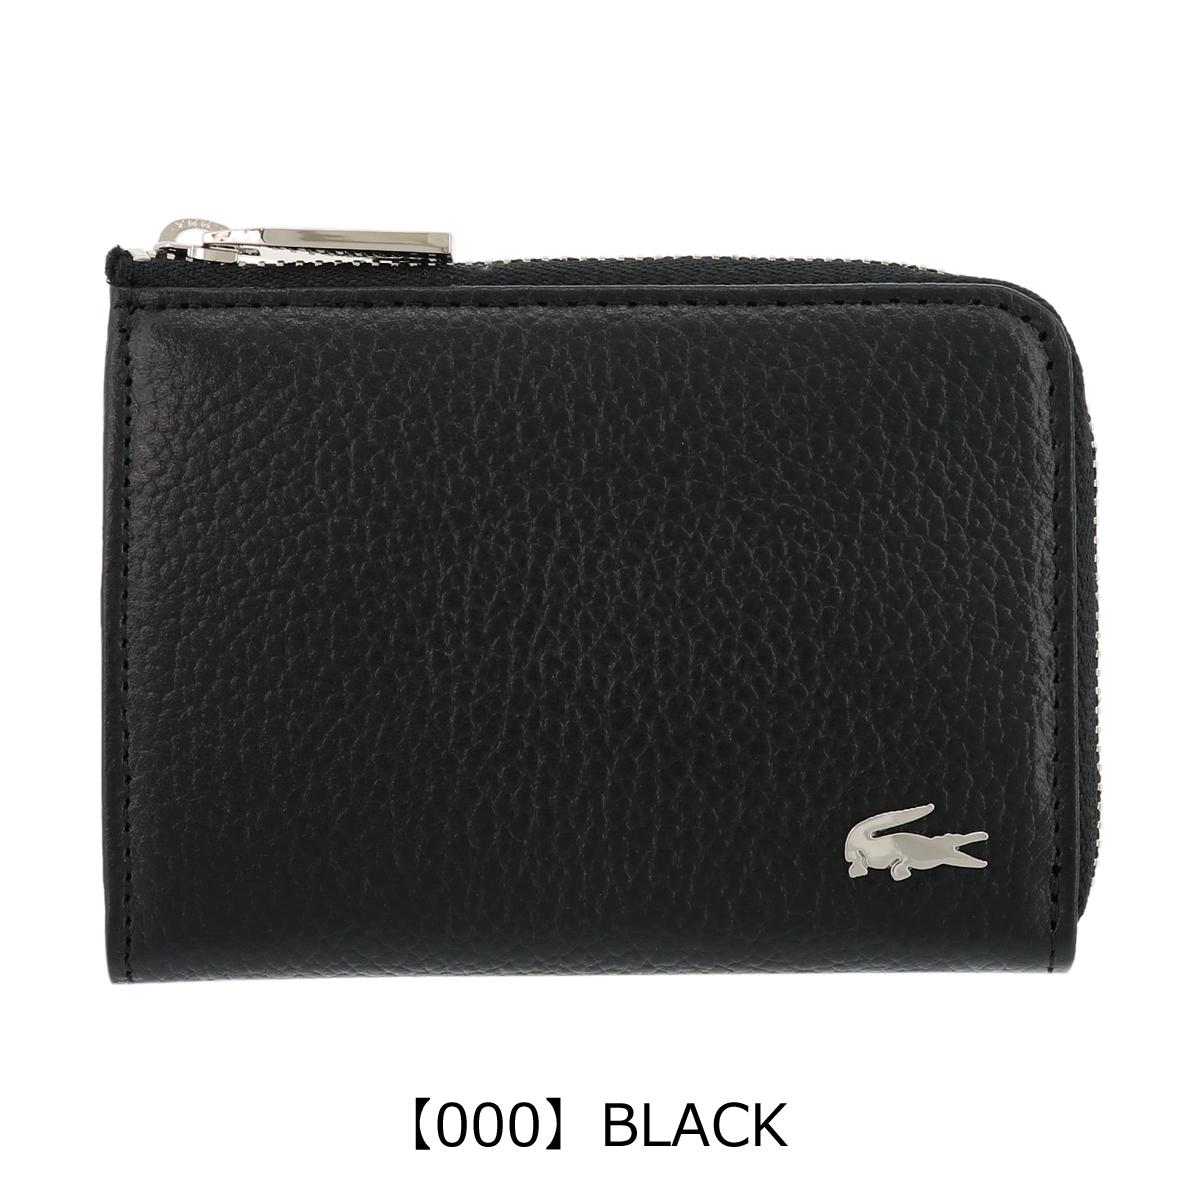 ラコステ 小銭入れ パスケース JEAN メンズ NH4303K LACOSTEIDケース カードケース ミニ財布 牛革mOvw8yn0PN